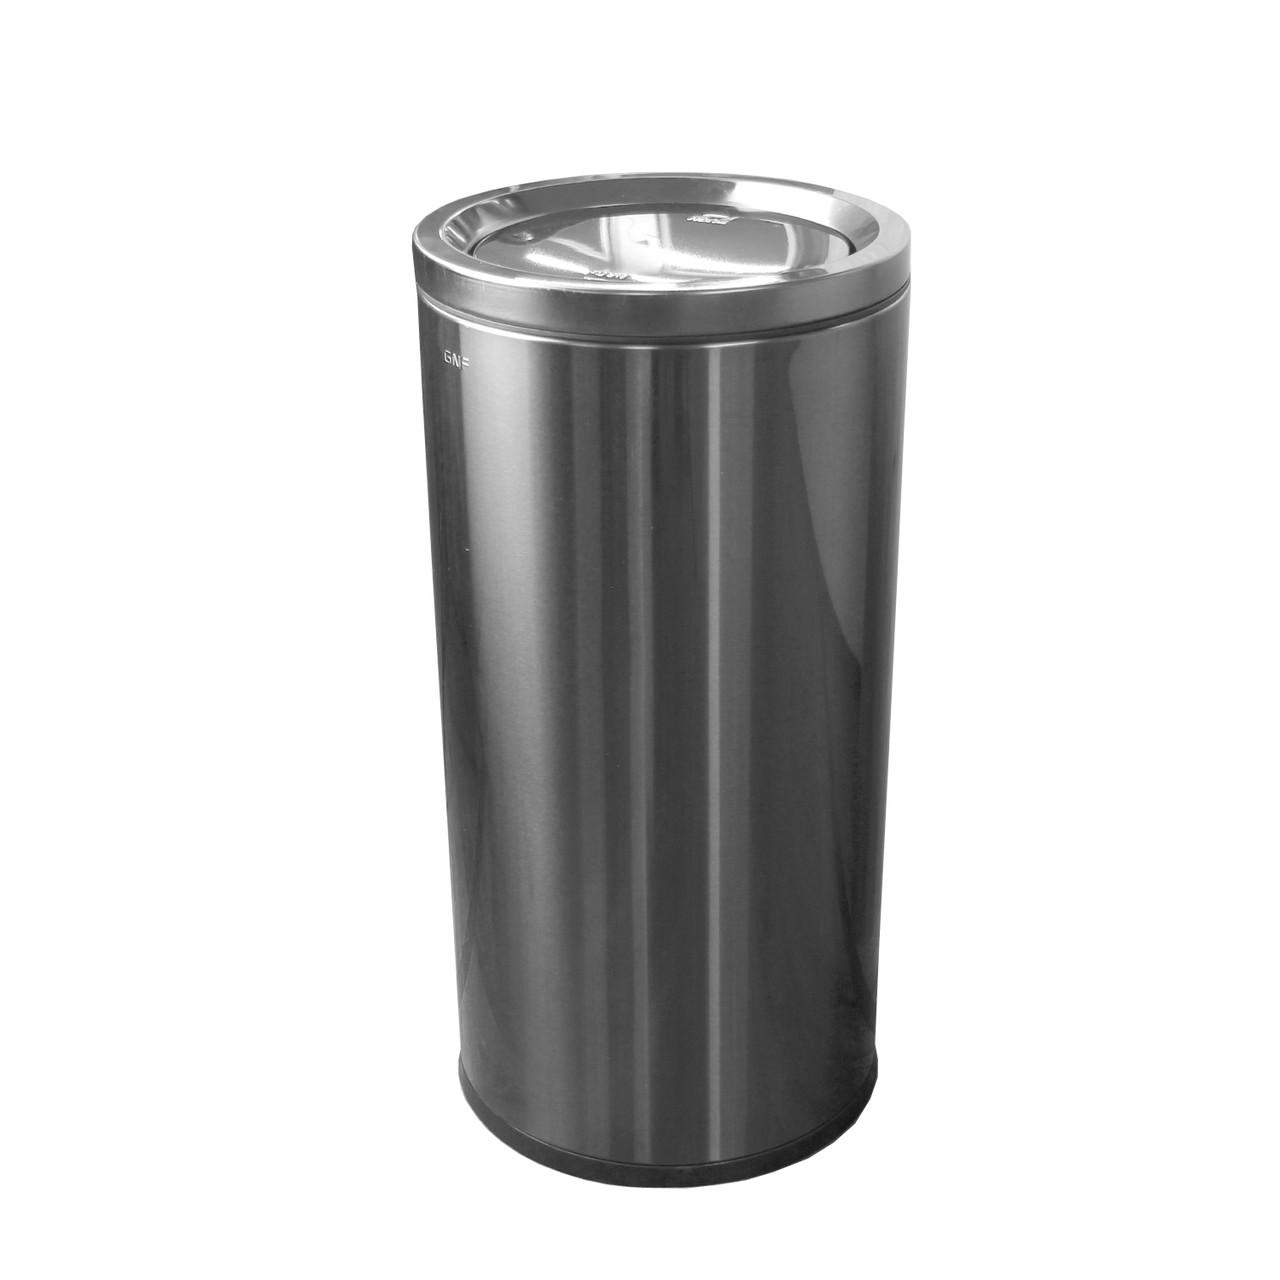 Ведро мусорное с плавающей крышкой 50 л. хром